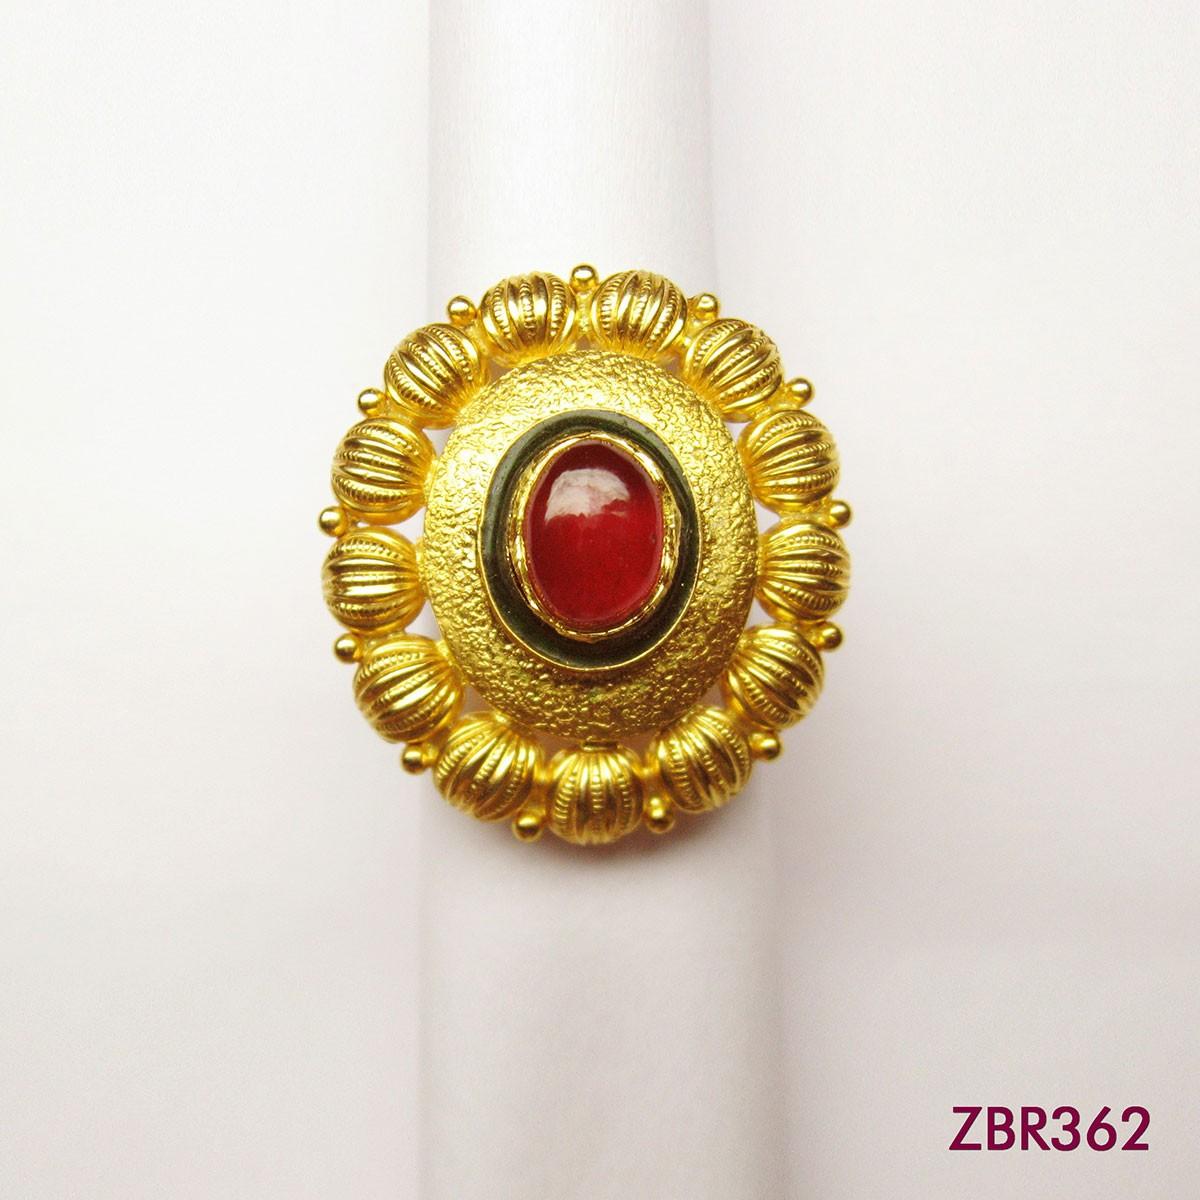 ZBR362